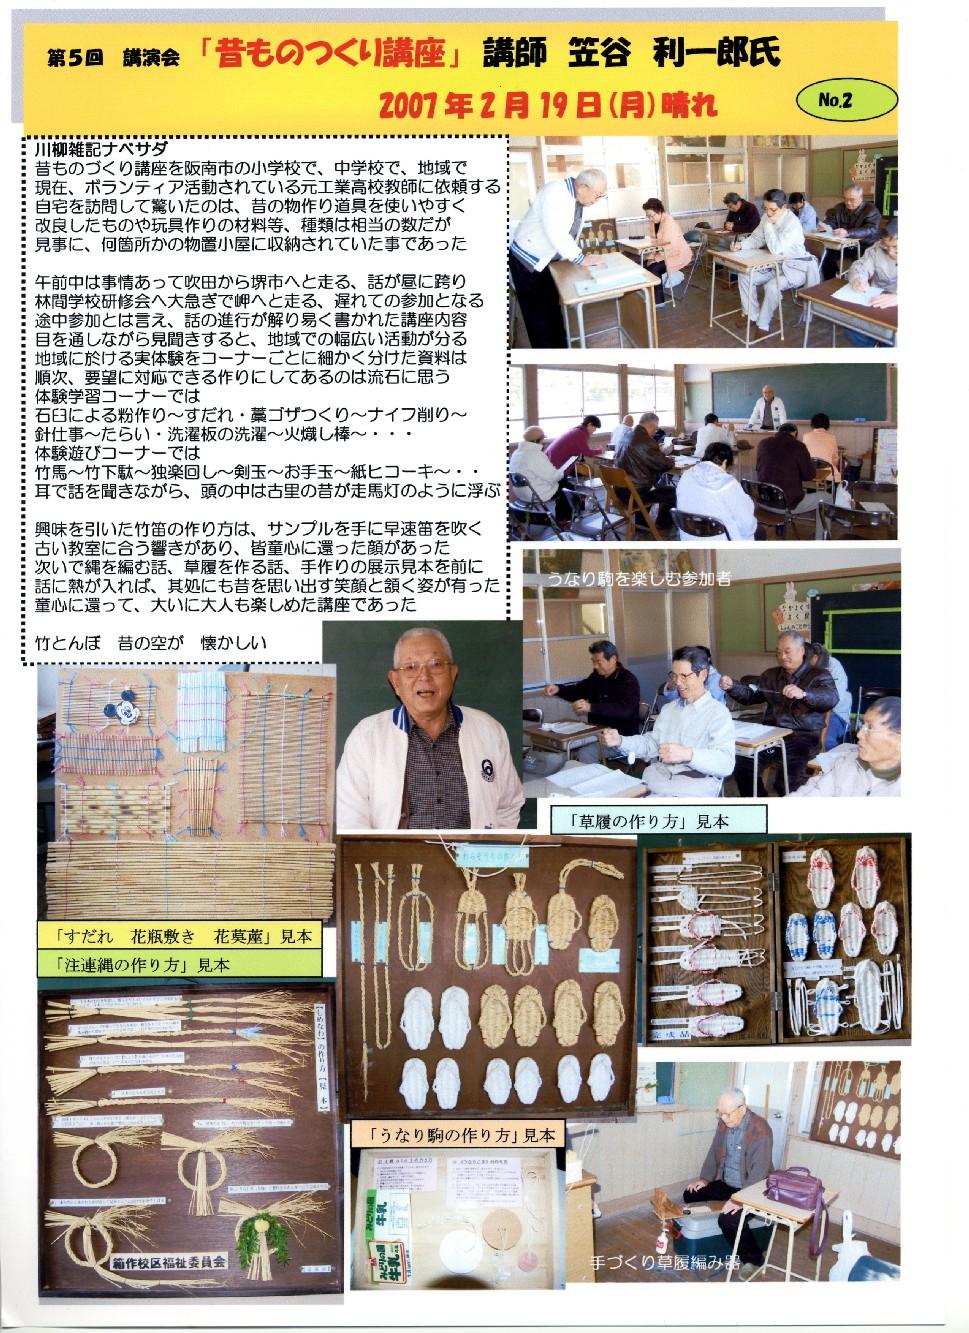 第5回 「高齢者林間学校研修会」…「昔の『暮し』『遊び』の体験学習」_c0108460_0155495.jpg